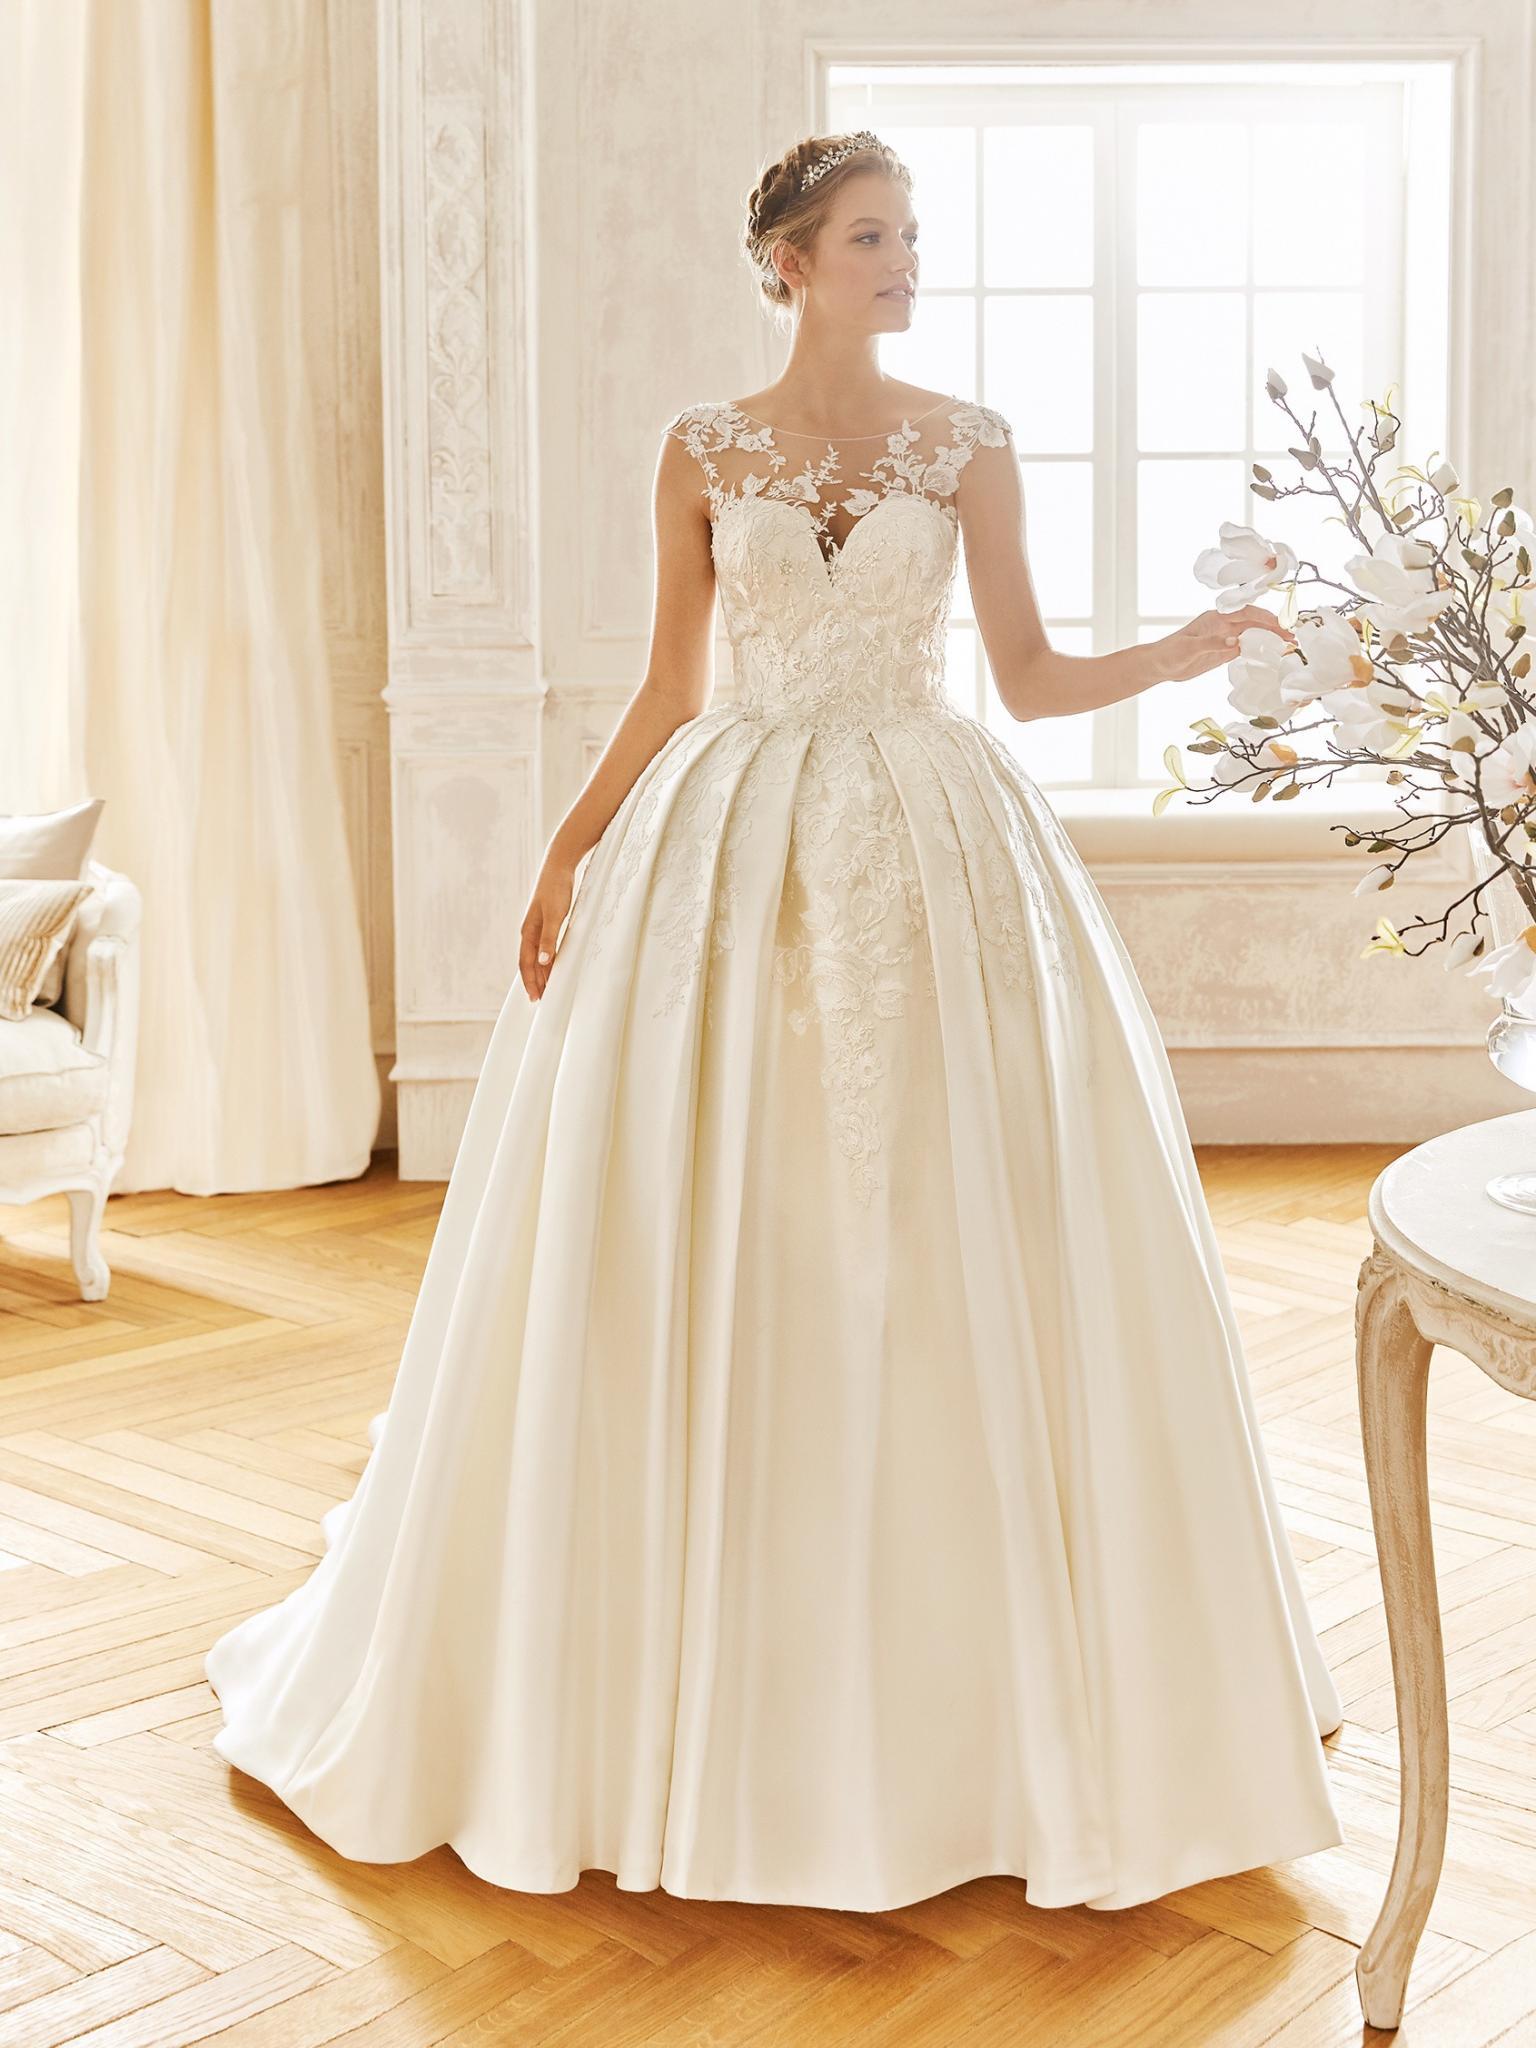 ESTILO PRINCESA La Sposa Broche B - Tendências para vestidos de noiva em 2019